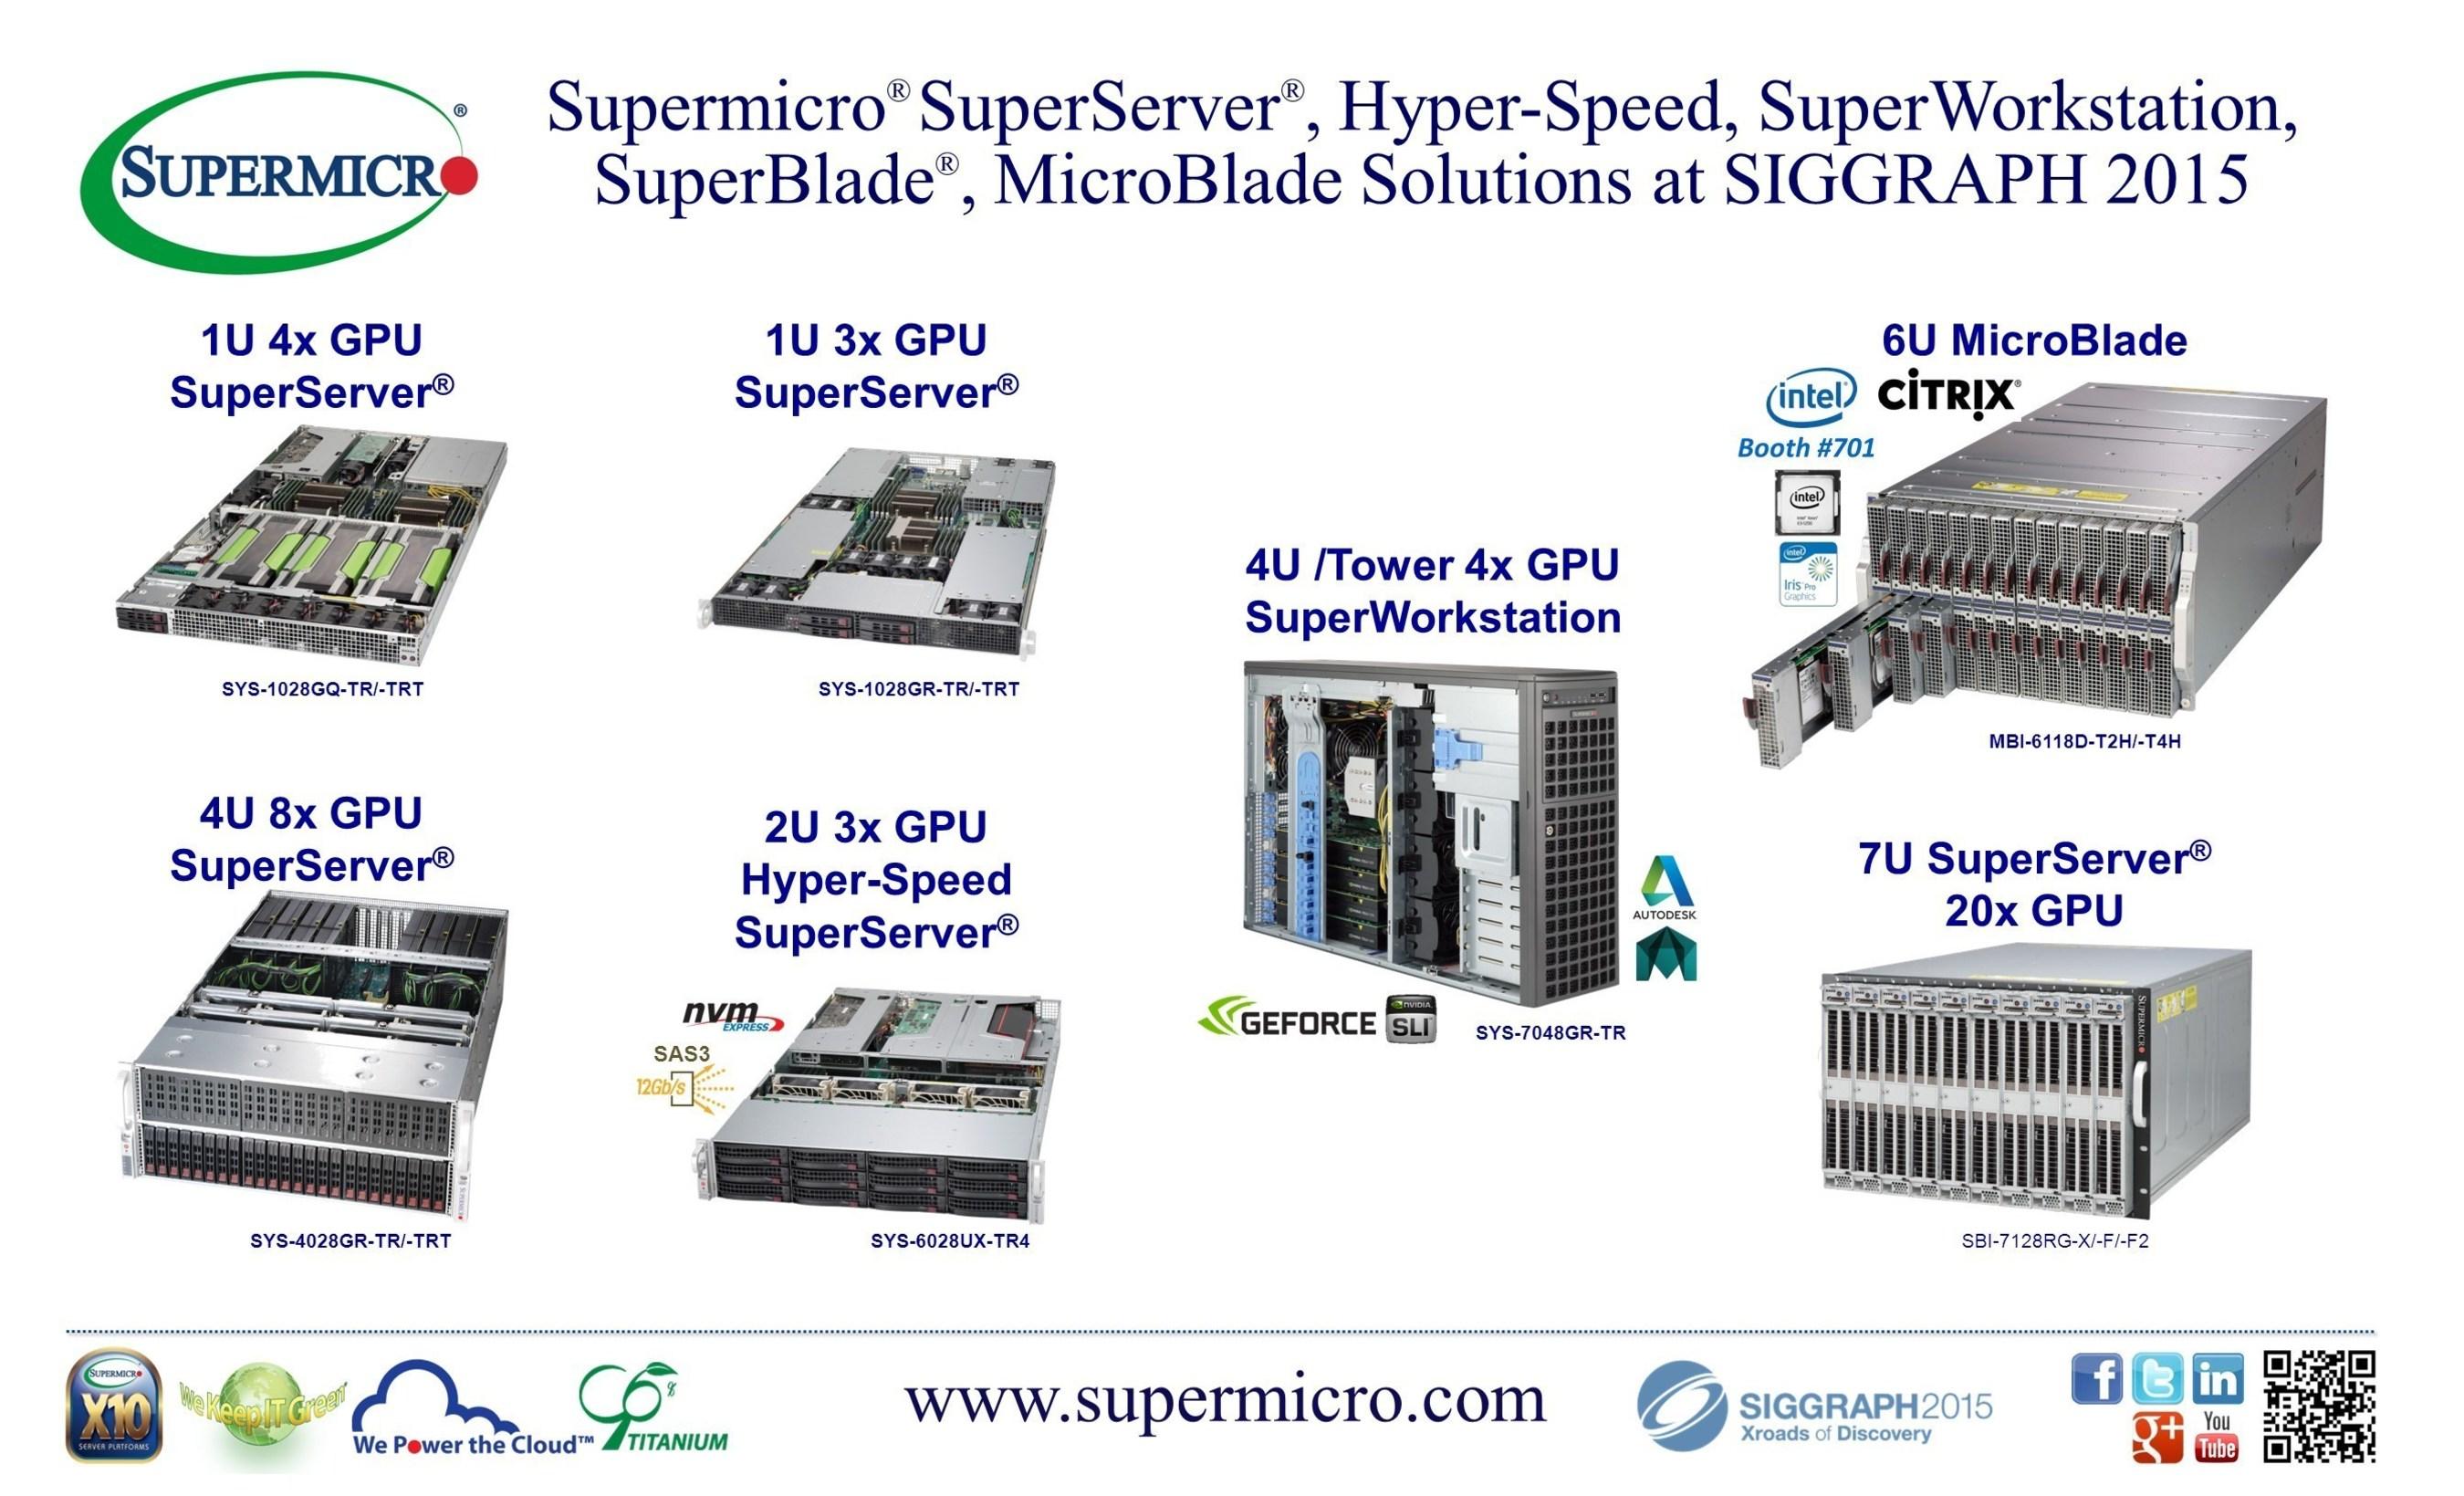 Supermicro® apresenta SuperServer® de 1U, 4x, GPU e MicroBlade de 3U/6U para aplicativos de